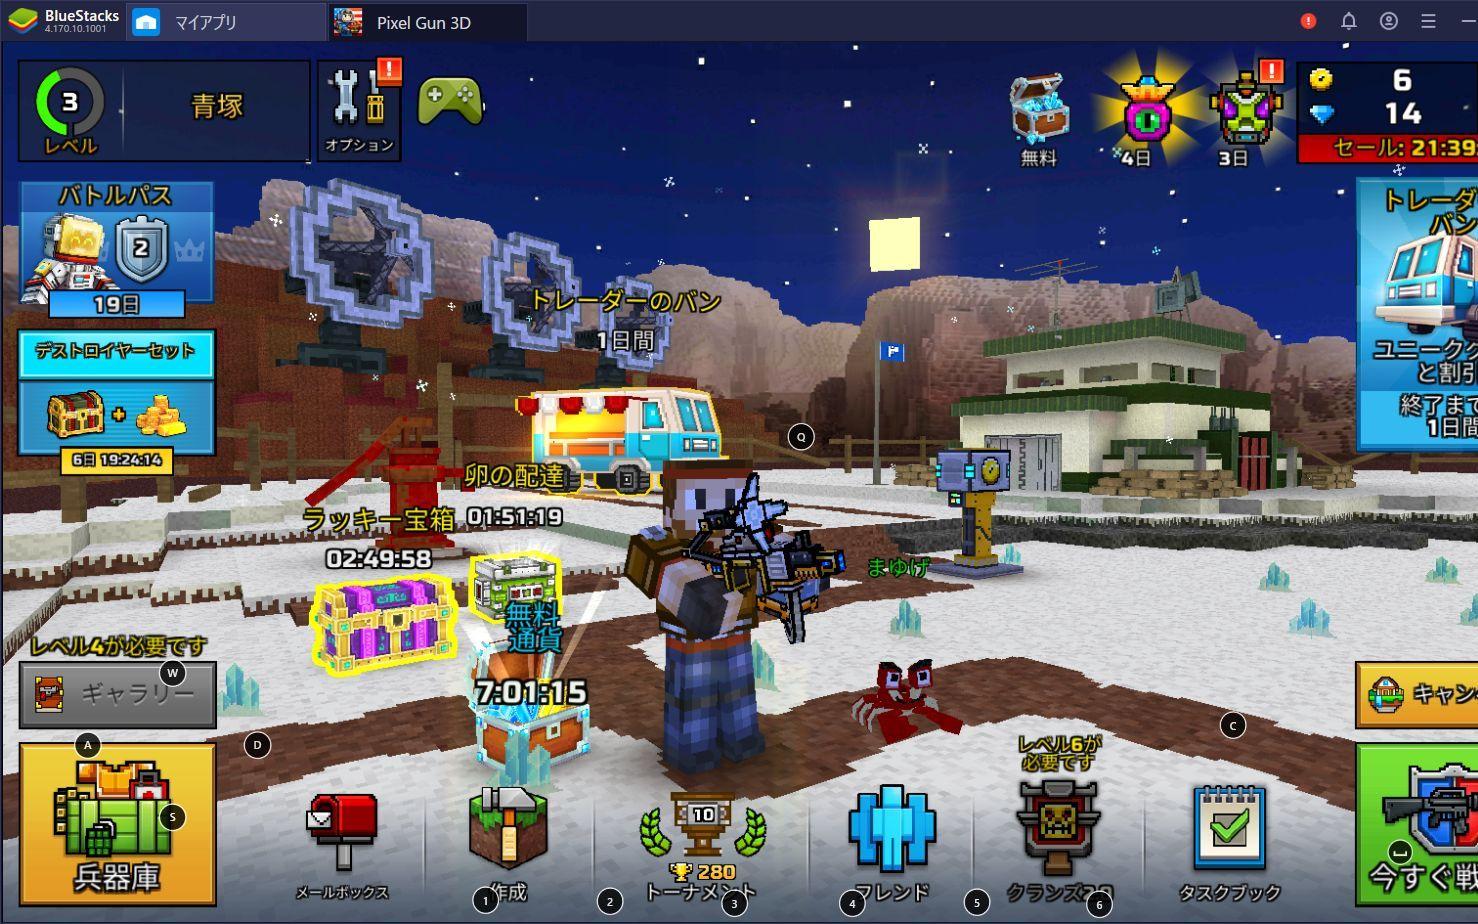 BlueStacksを使ってPCで『ピクセルガン3D。(Pixel Gun 3D)』を遊ぼう